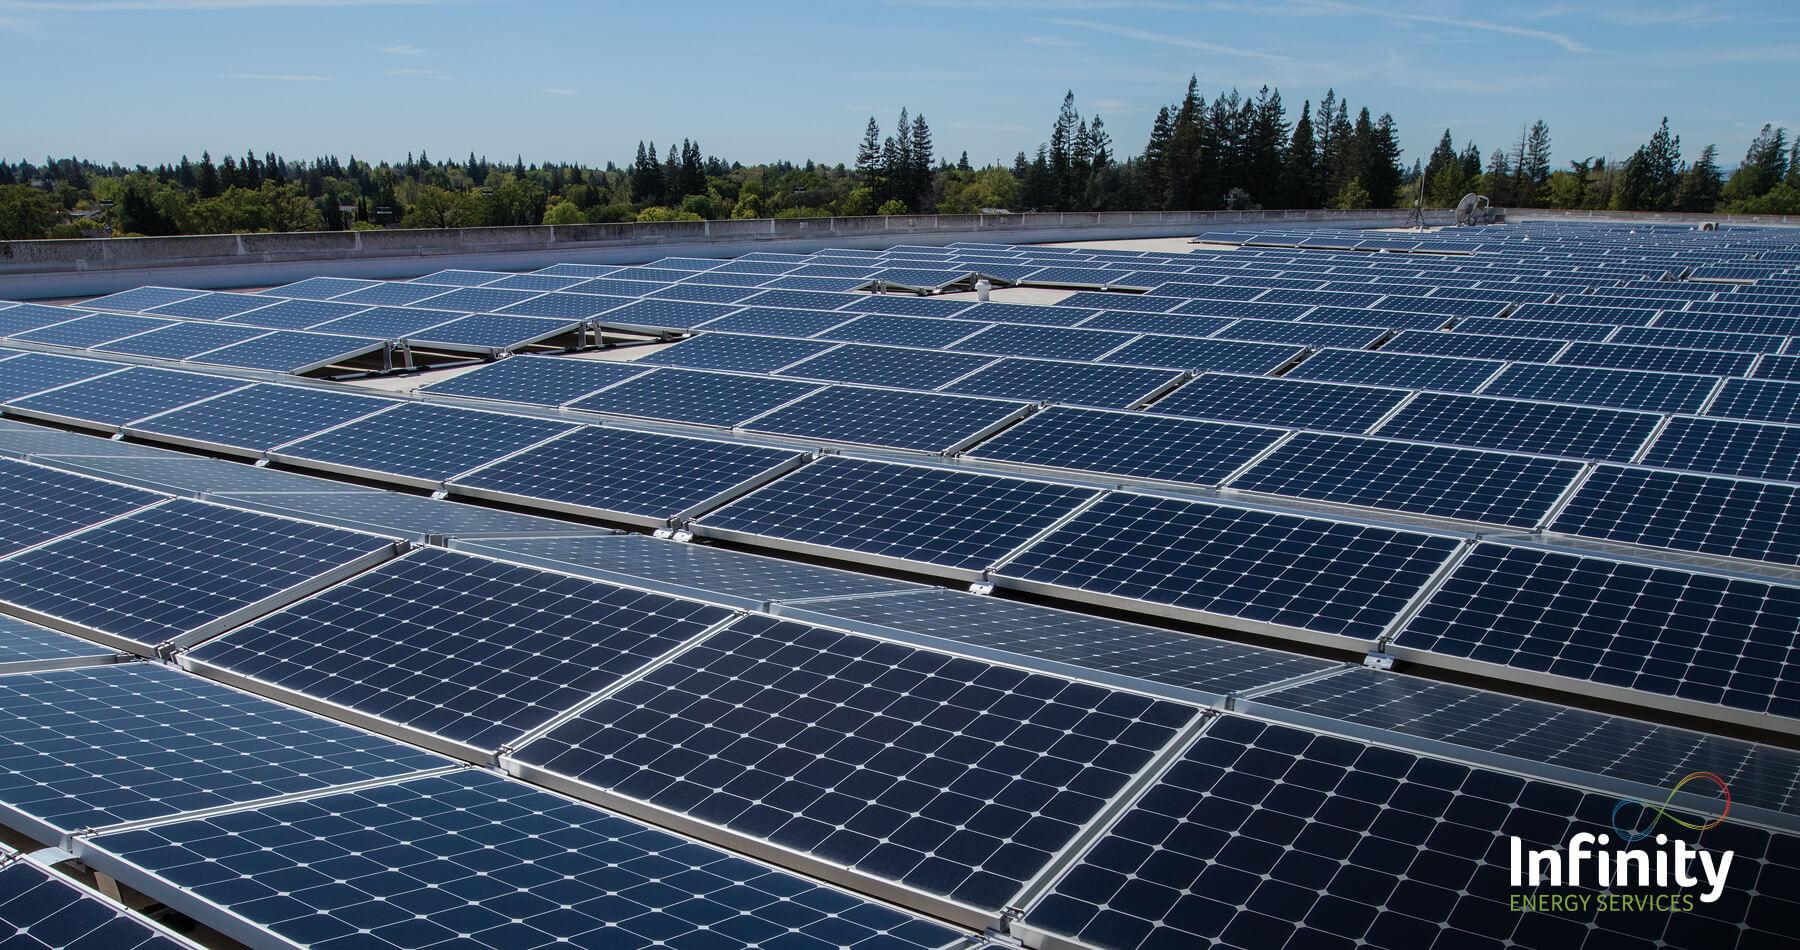 gallery sunpower1 - SunPower Solar Panels